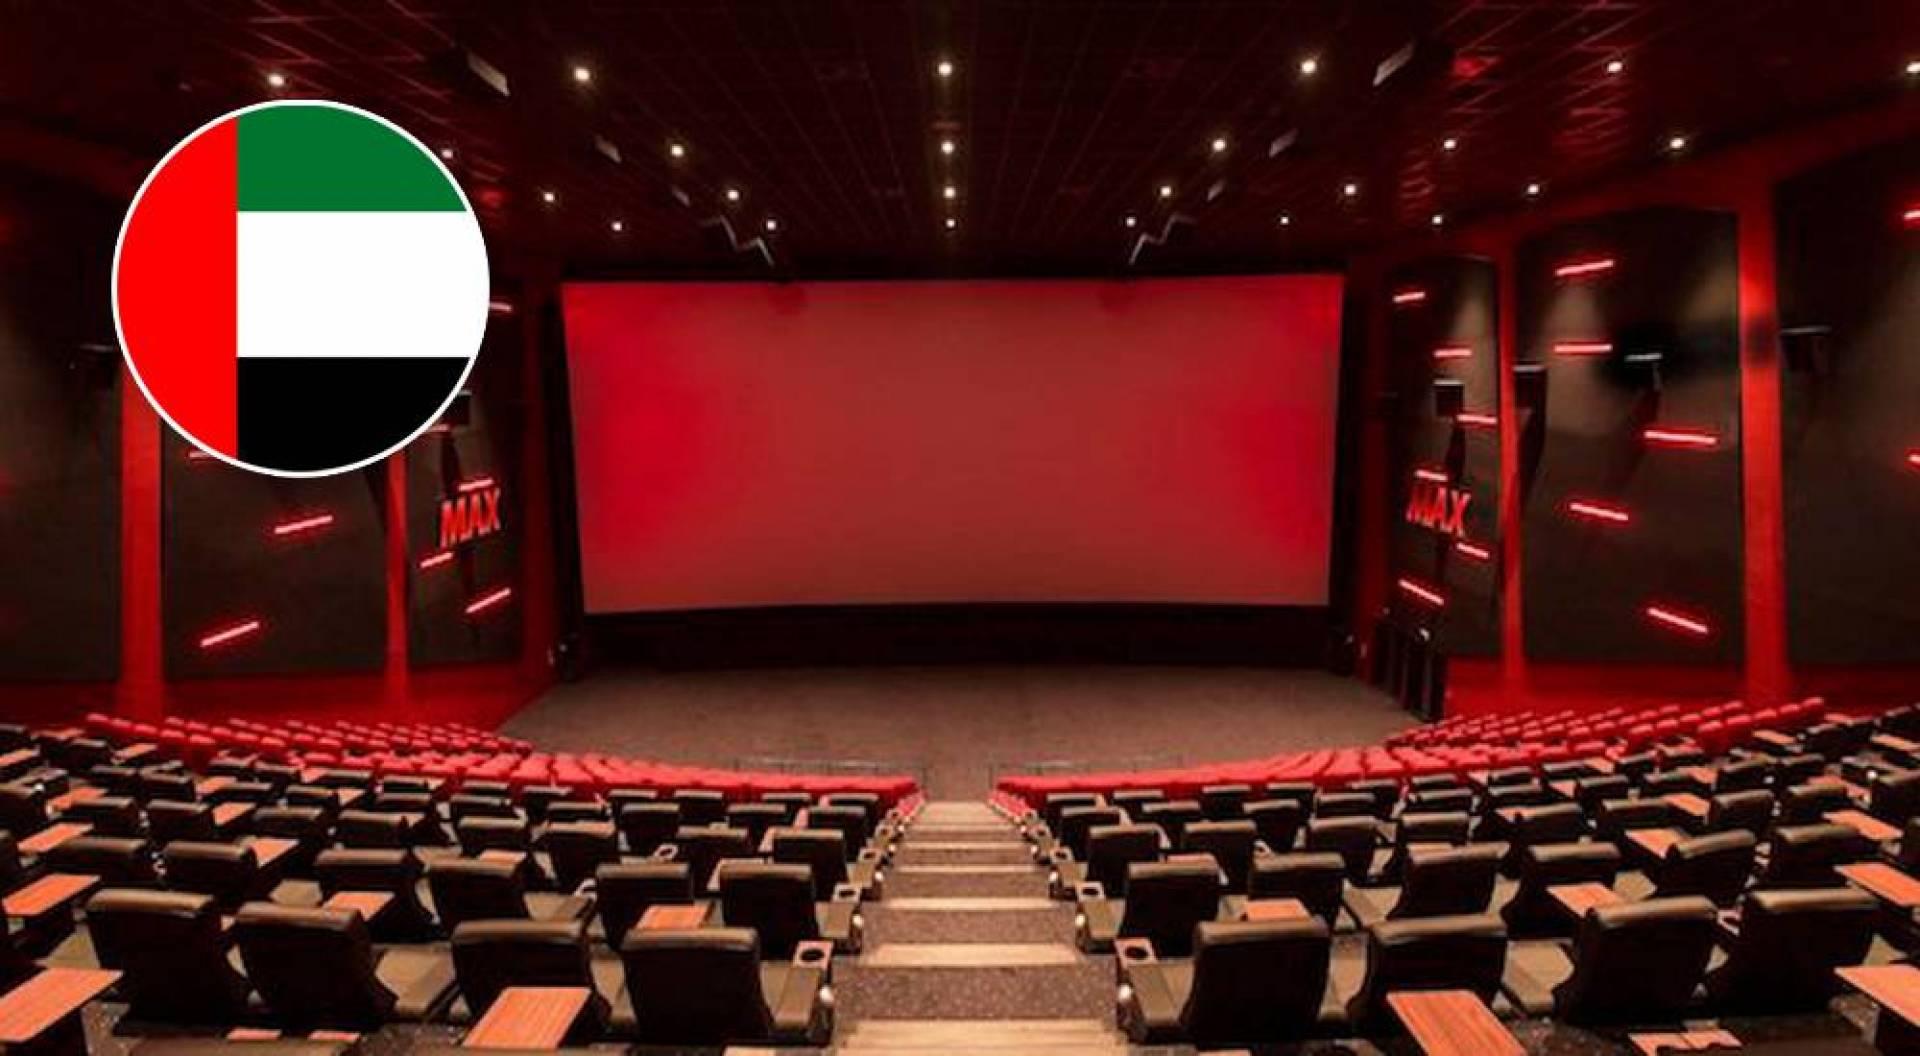 الإمارات تعلن عودة السينما في دبي ابتداء من الغد